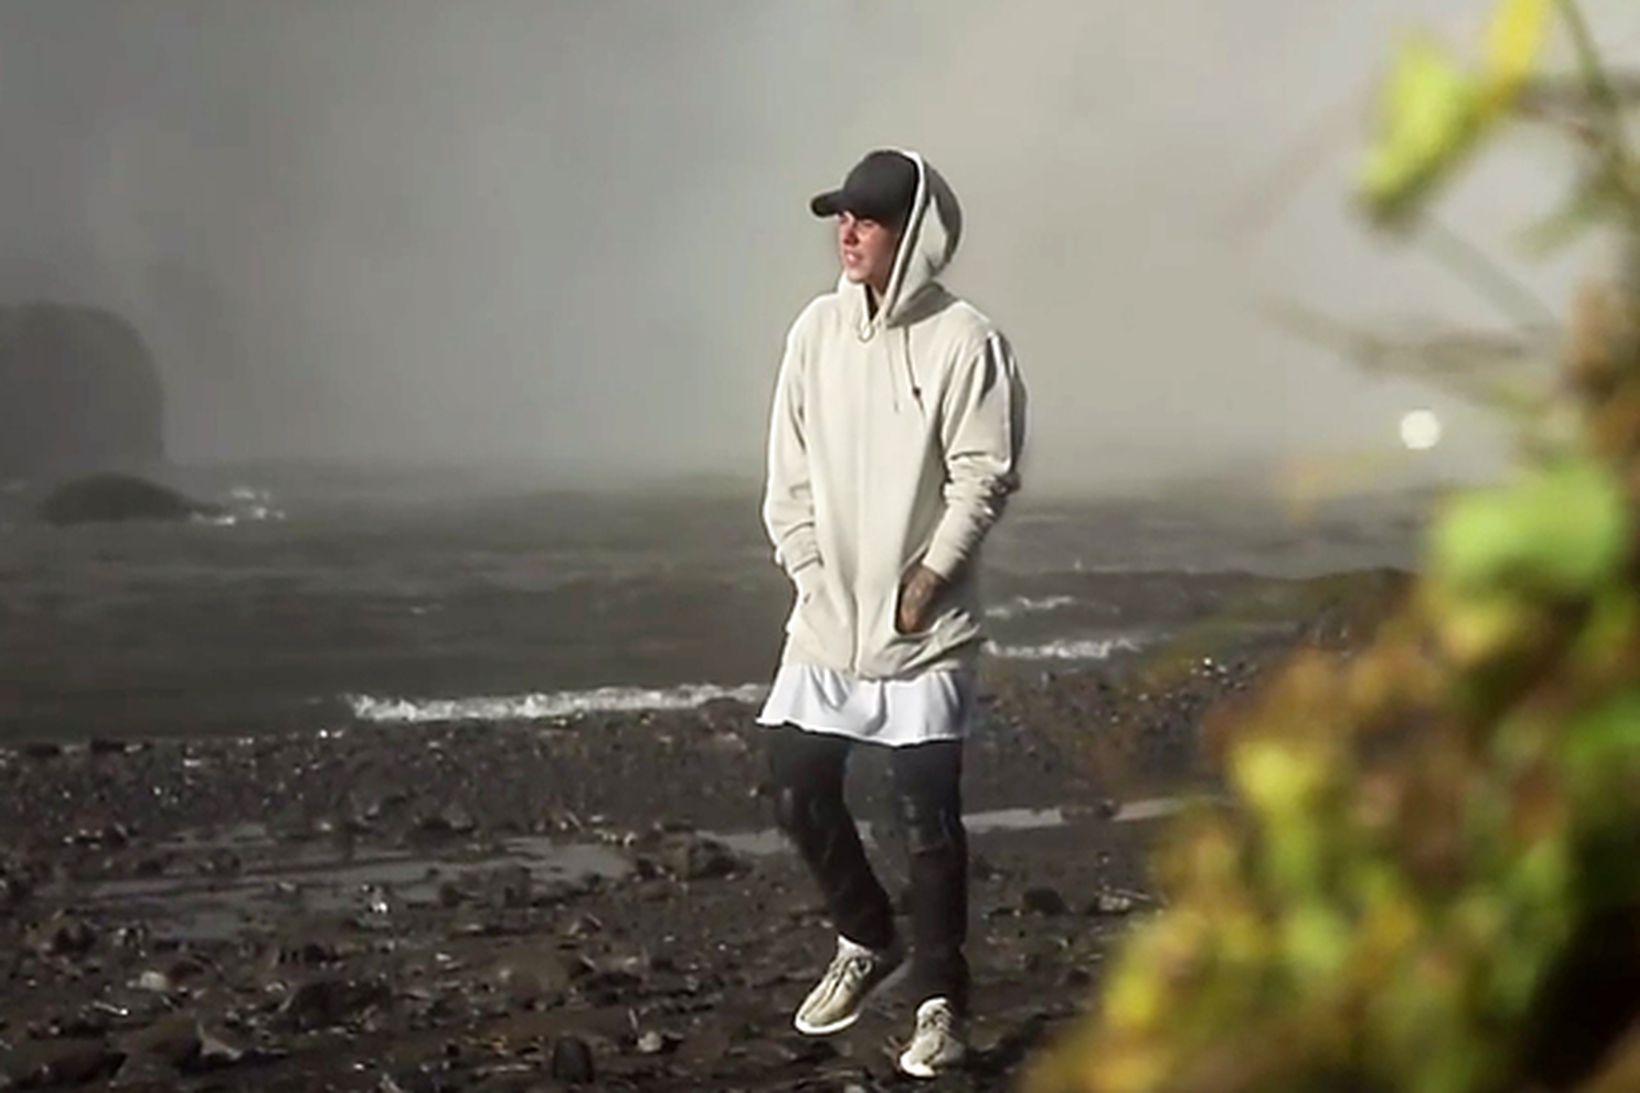 Stillimynd úr tónlistarmyndbandi Justins Biebers, hér er hann staddur við …